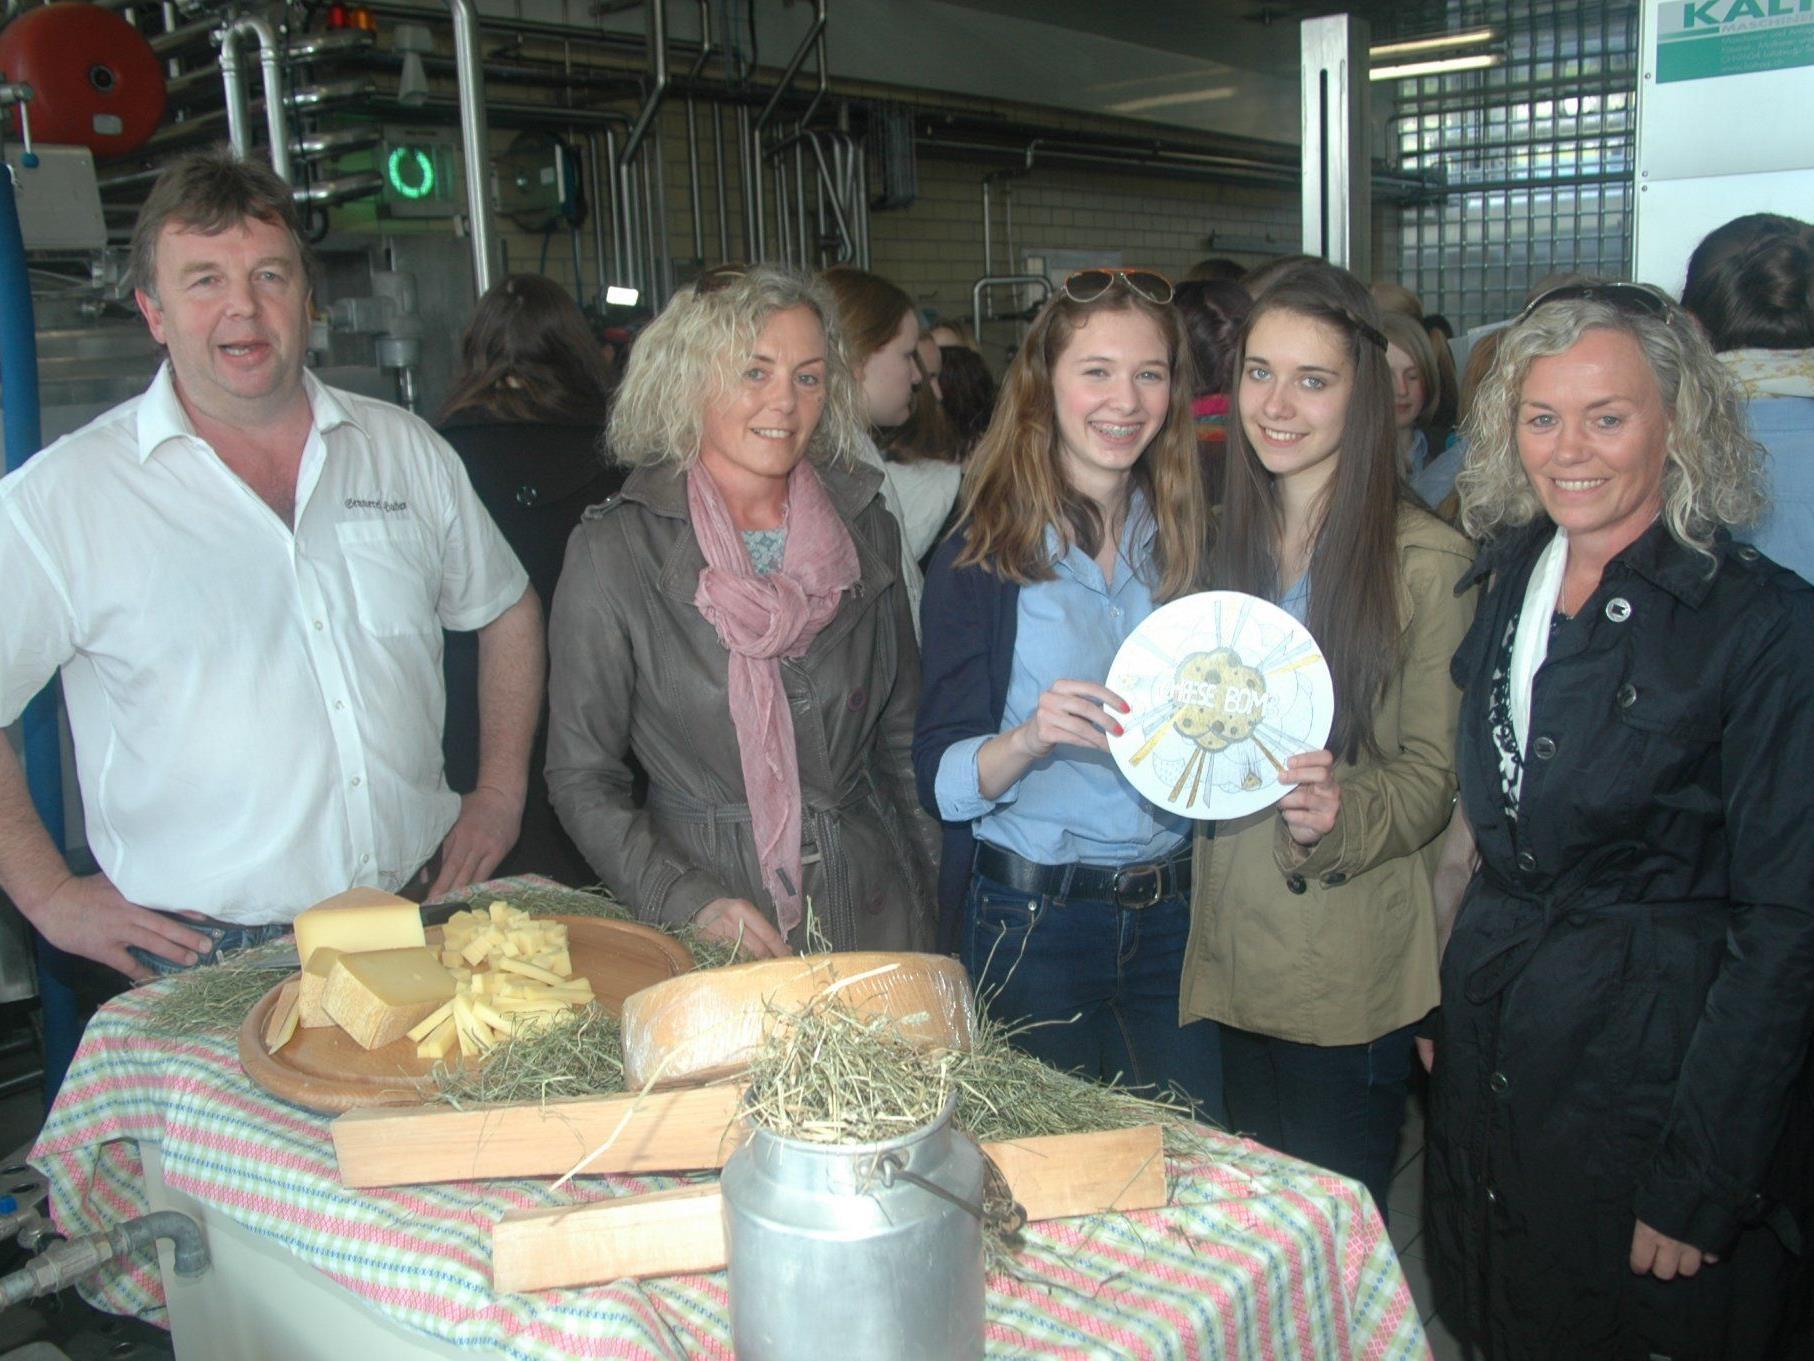 Sennerei-Obmann Otto Nöckl freut sich mit den Schülerinnen und Lehrerinnen über das gelungene Produkt.